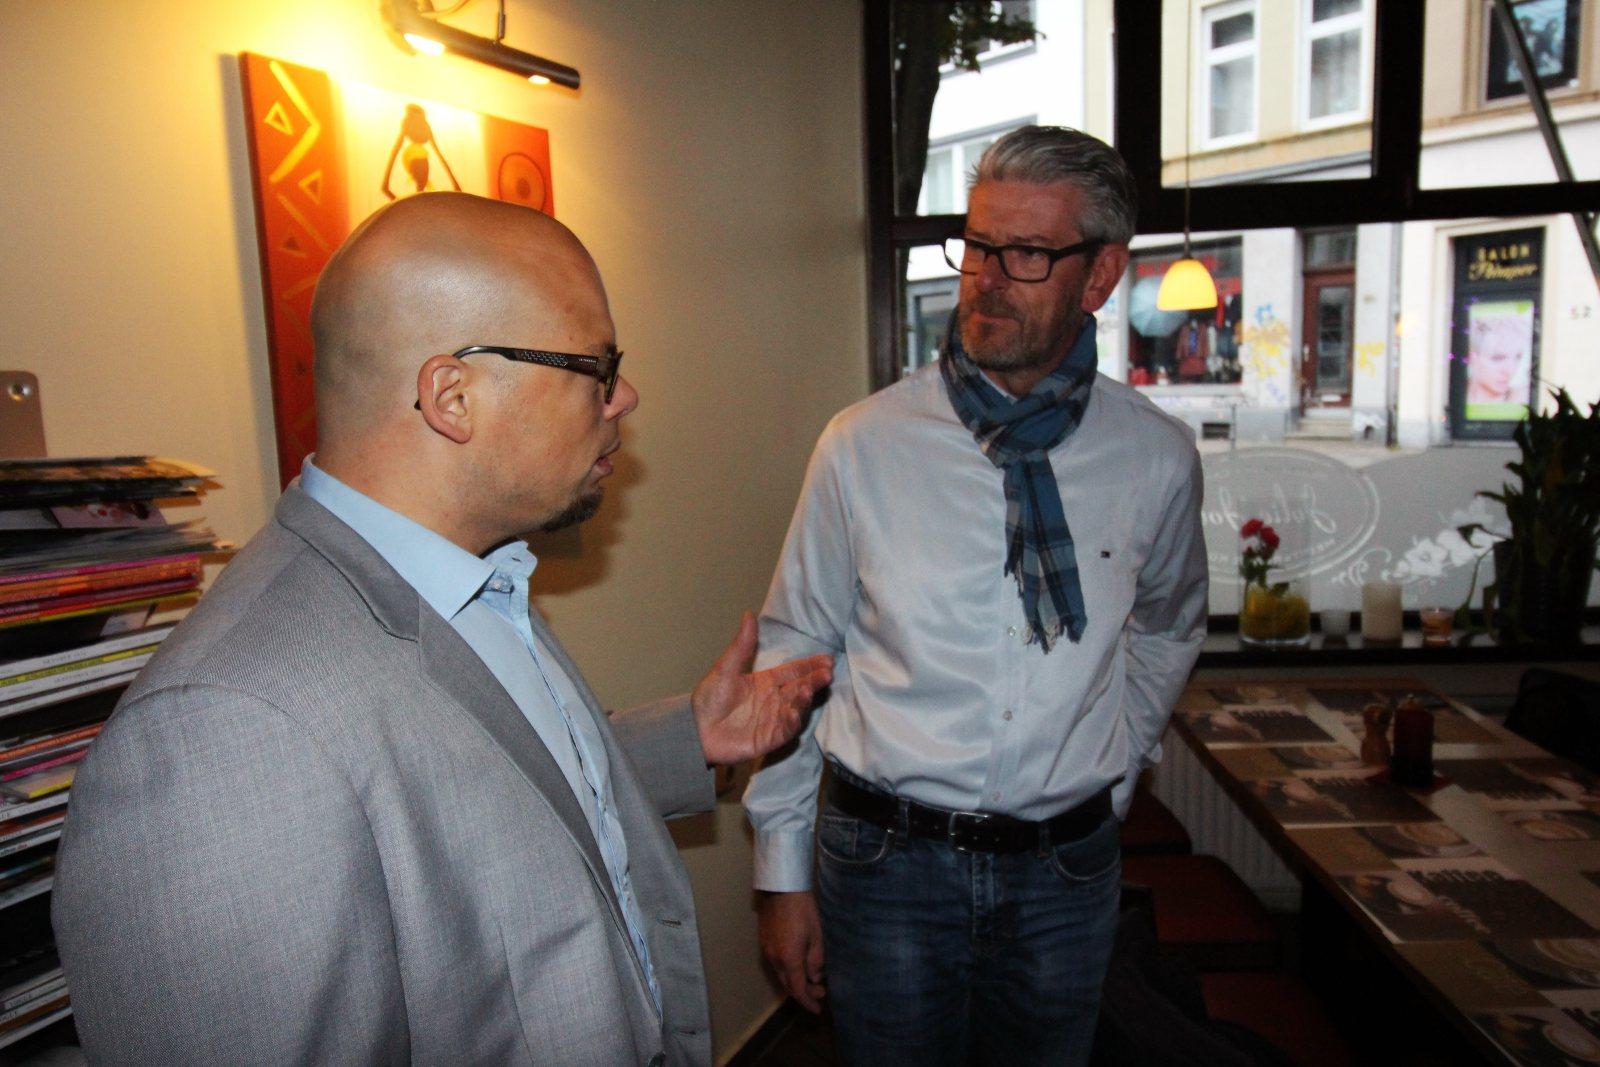 Michael Tack vom Food-at-Tack im angeregtem Plausch mit Bjorn Bos von Thinking Marketing.